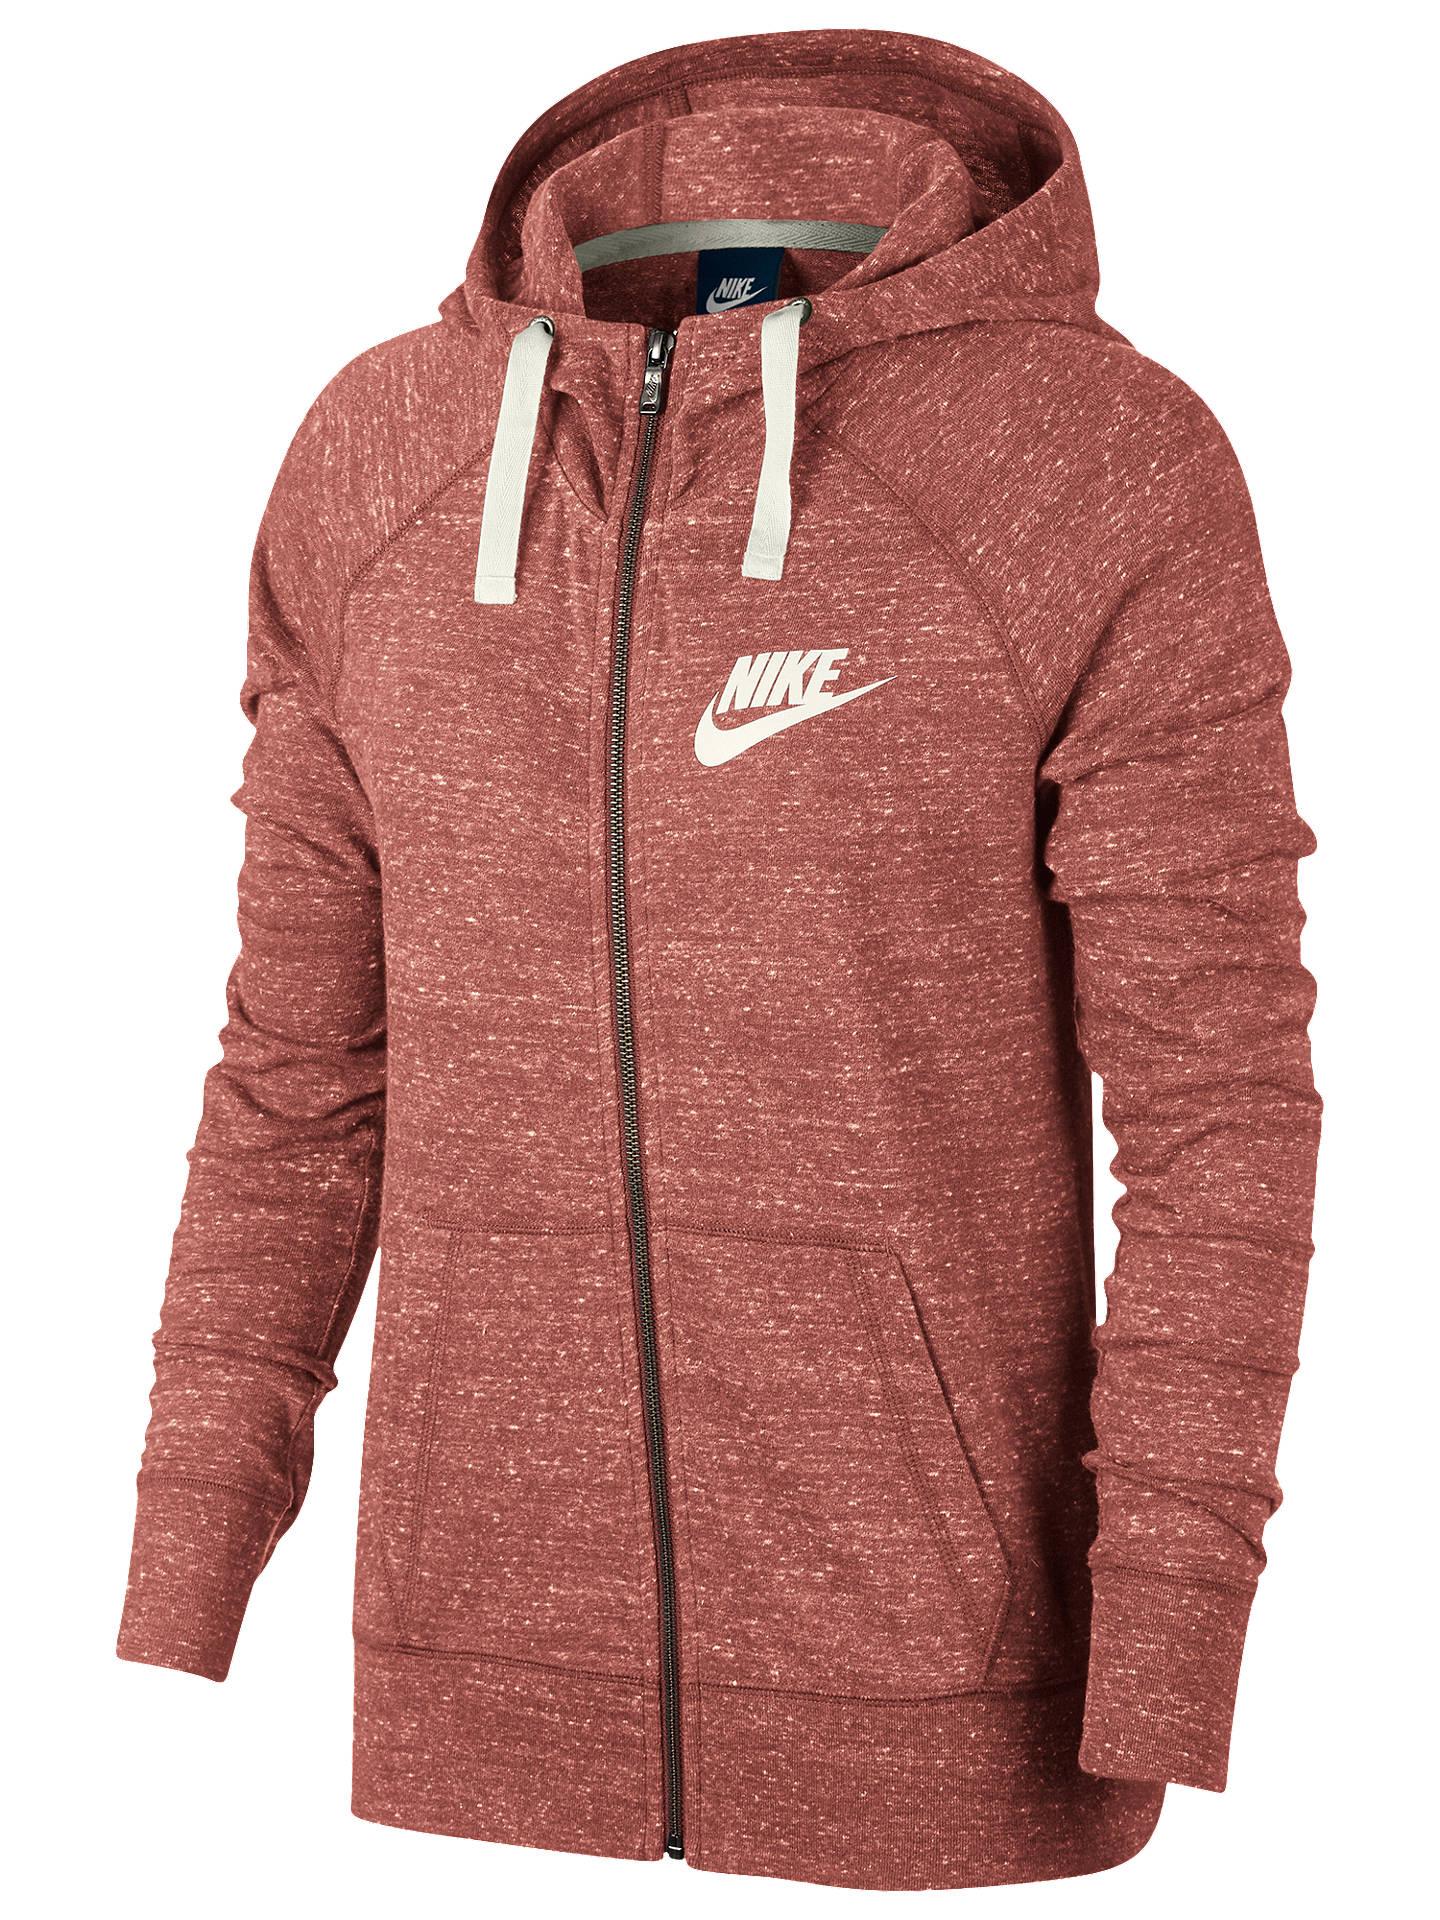 875e02ffc93cf Buy Nike Sportswear Vintage Hoodie, Rust Pink/Sail, XS Online at johnlewis.